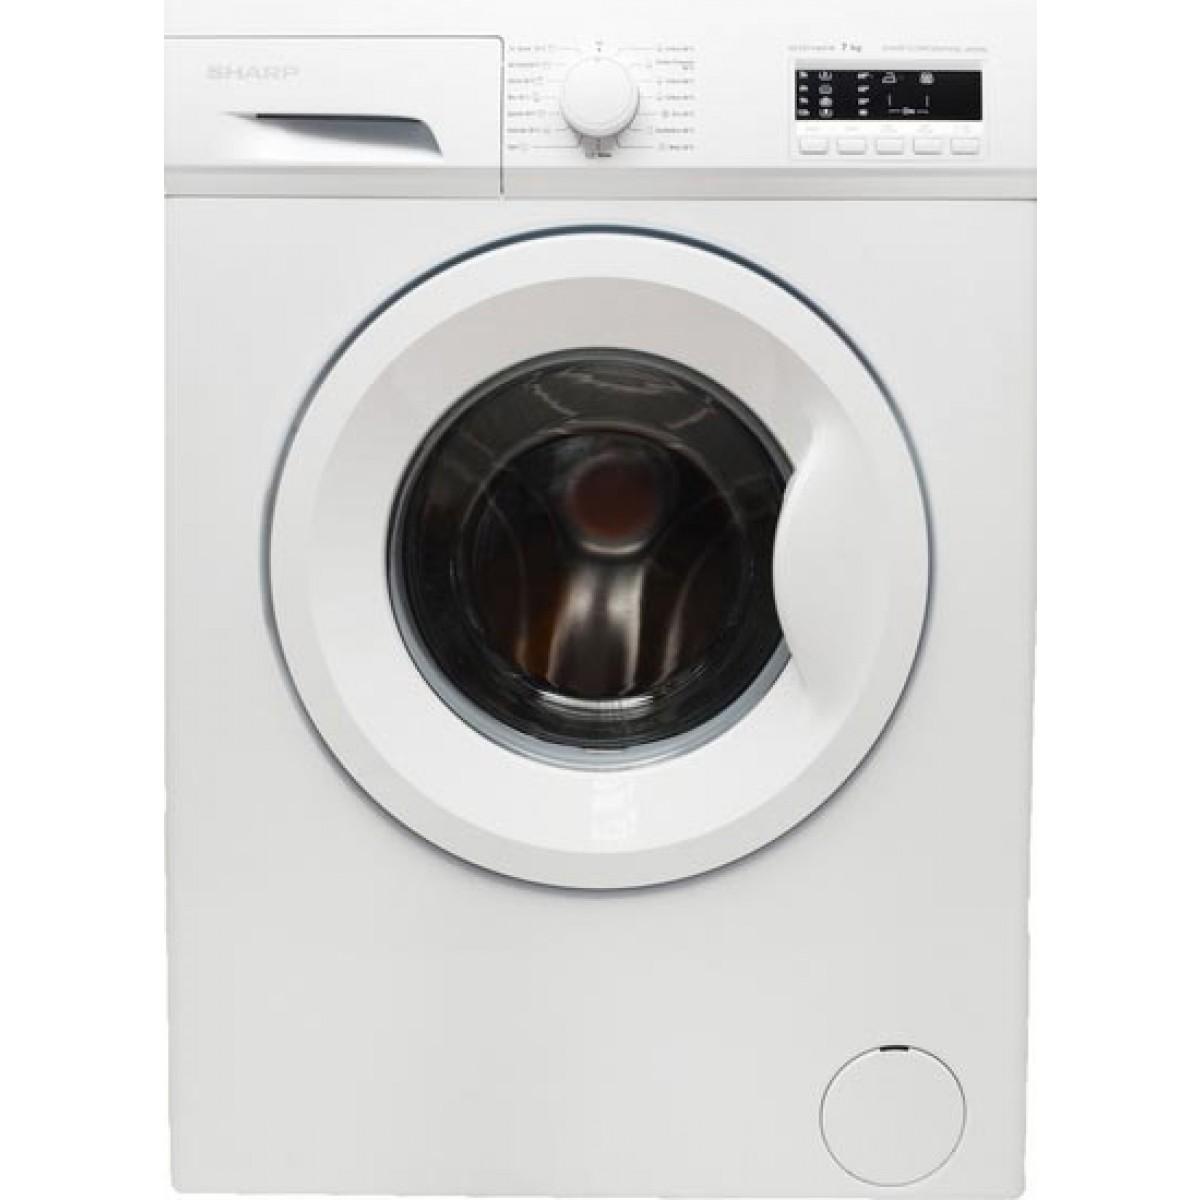 Idee deco machine laver silencieuse 1000 id es sur la d coration et cadeaux de maison et - Machine a laver silencieuse ...